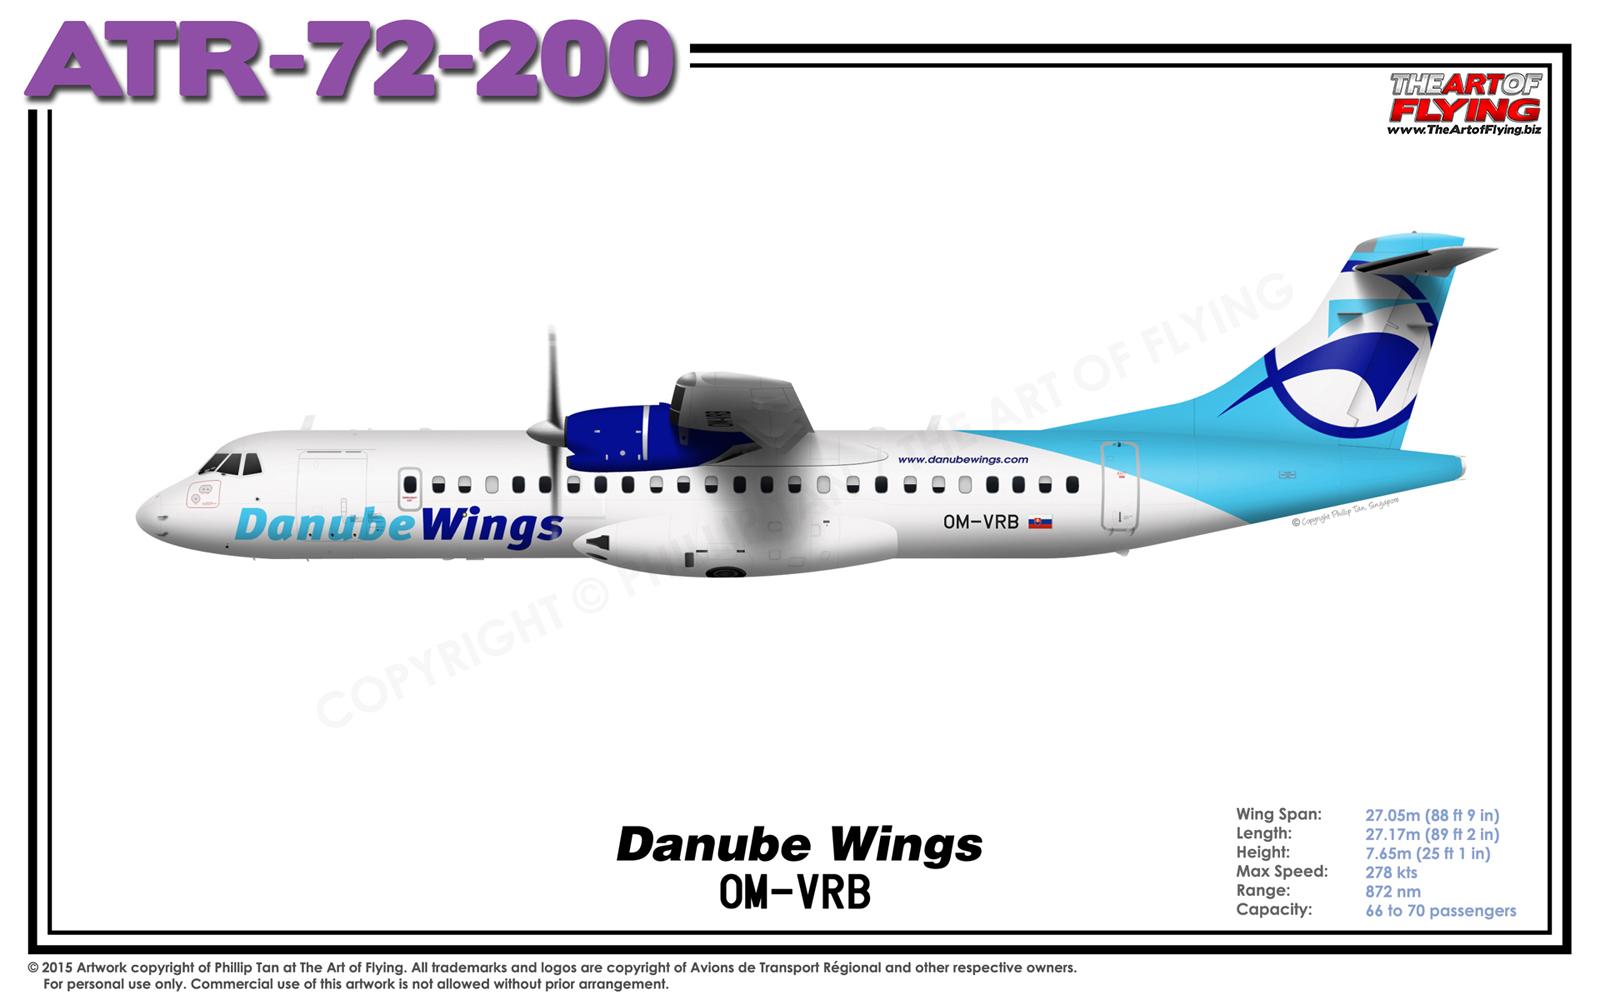 Danube wings logo